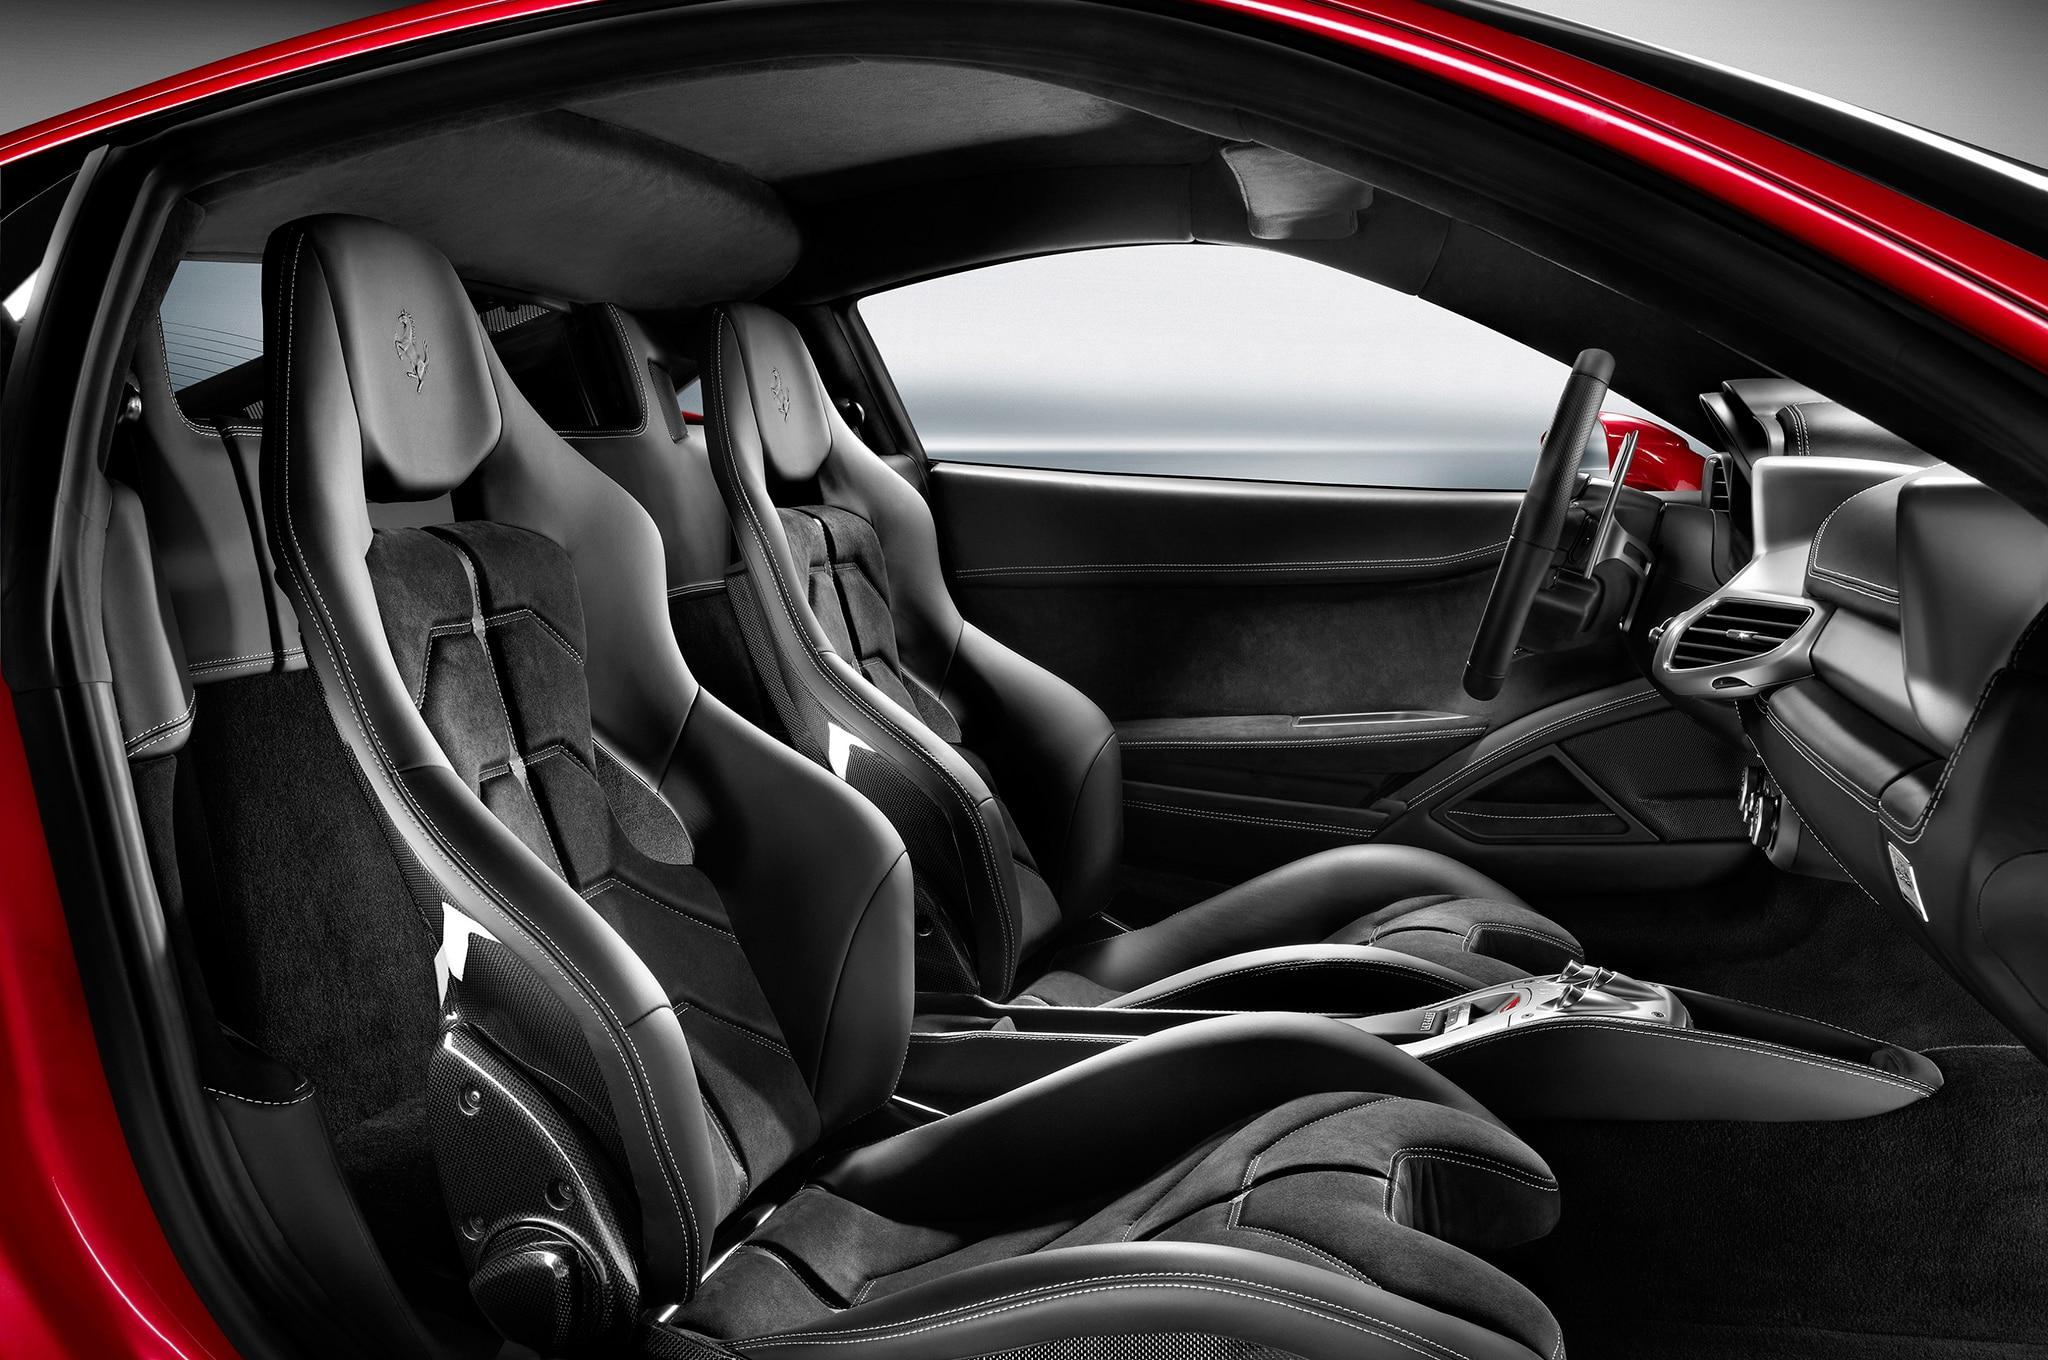 Dmc milano carbon fiber and leather interior for the ferrari 458 2014 ferrari 458 italia interior front view vanachro Images